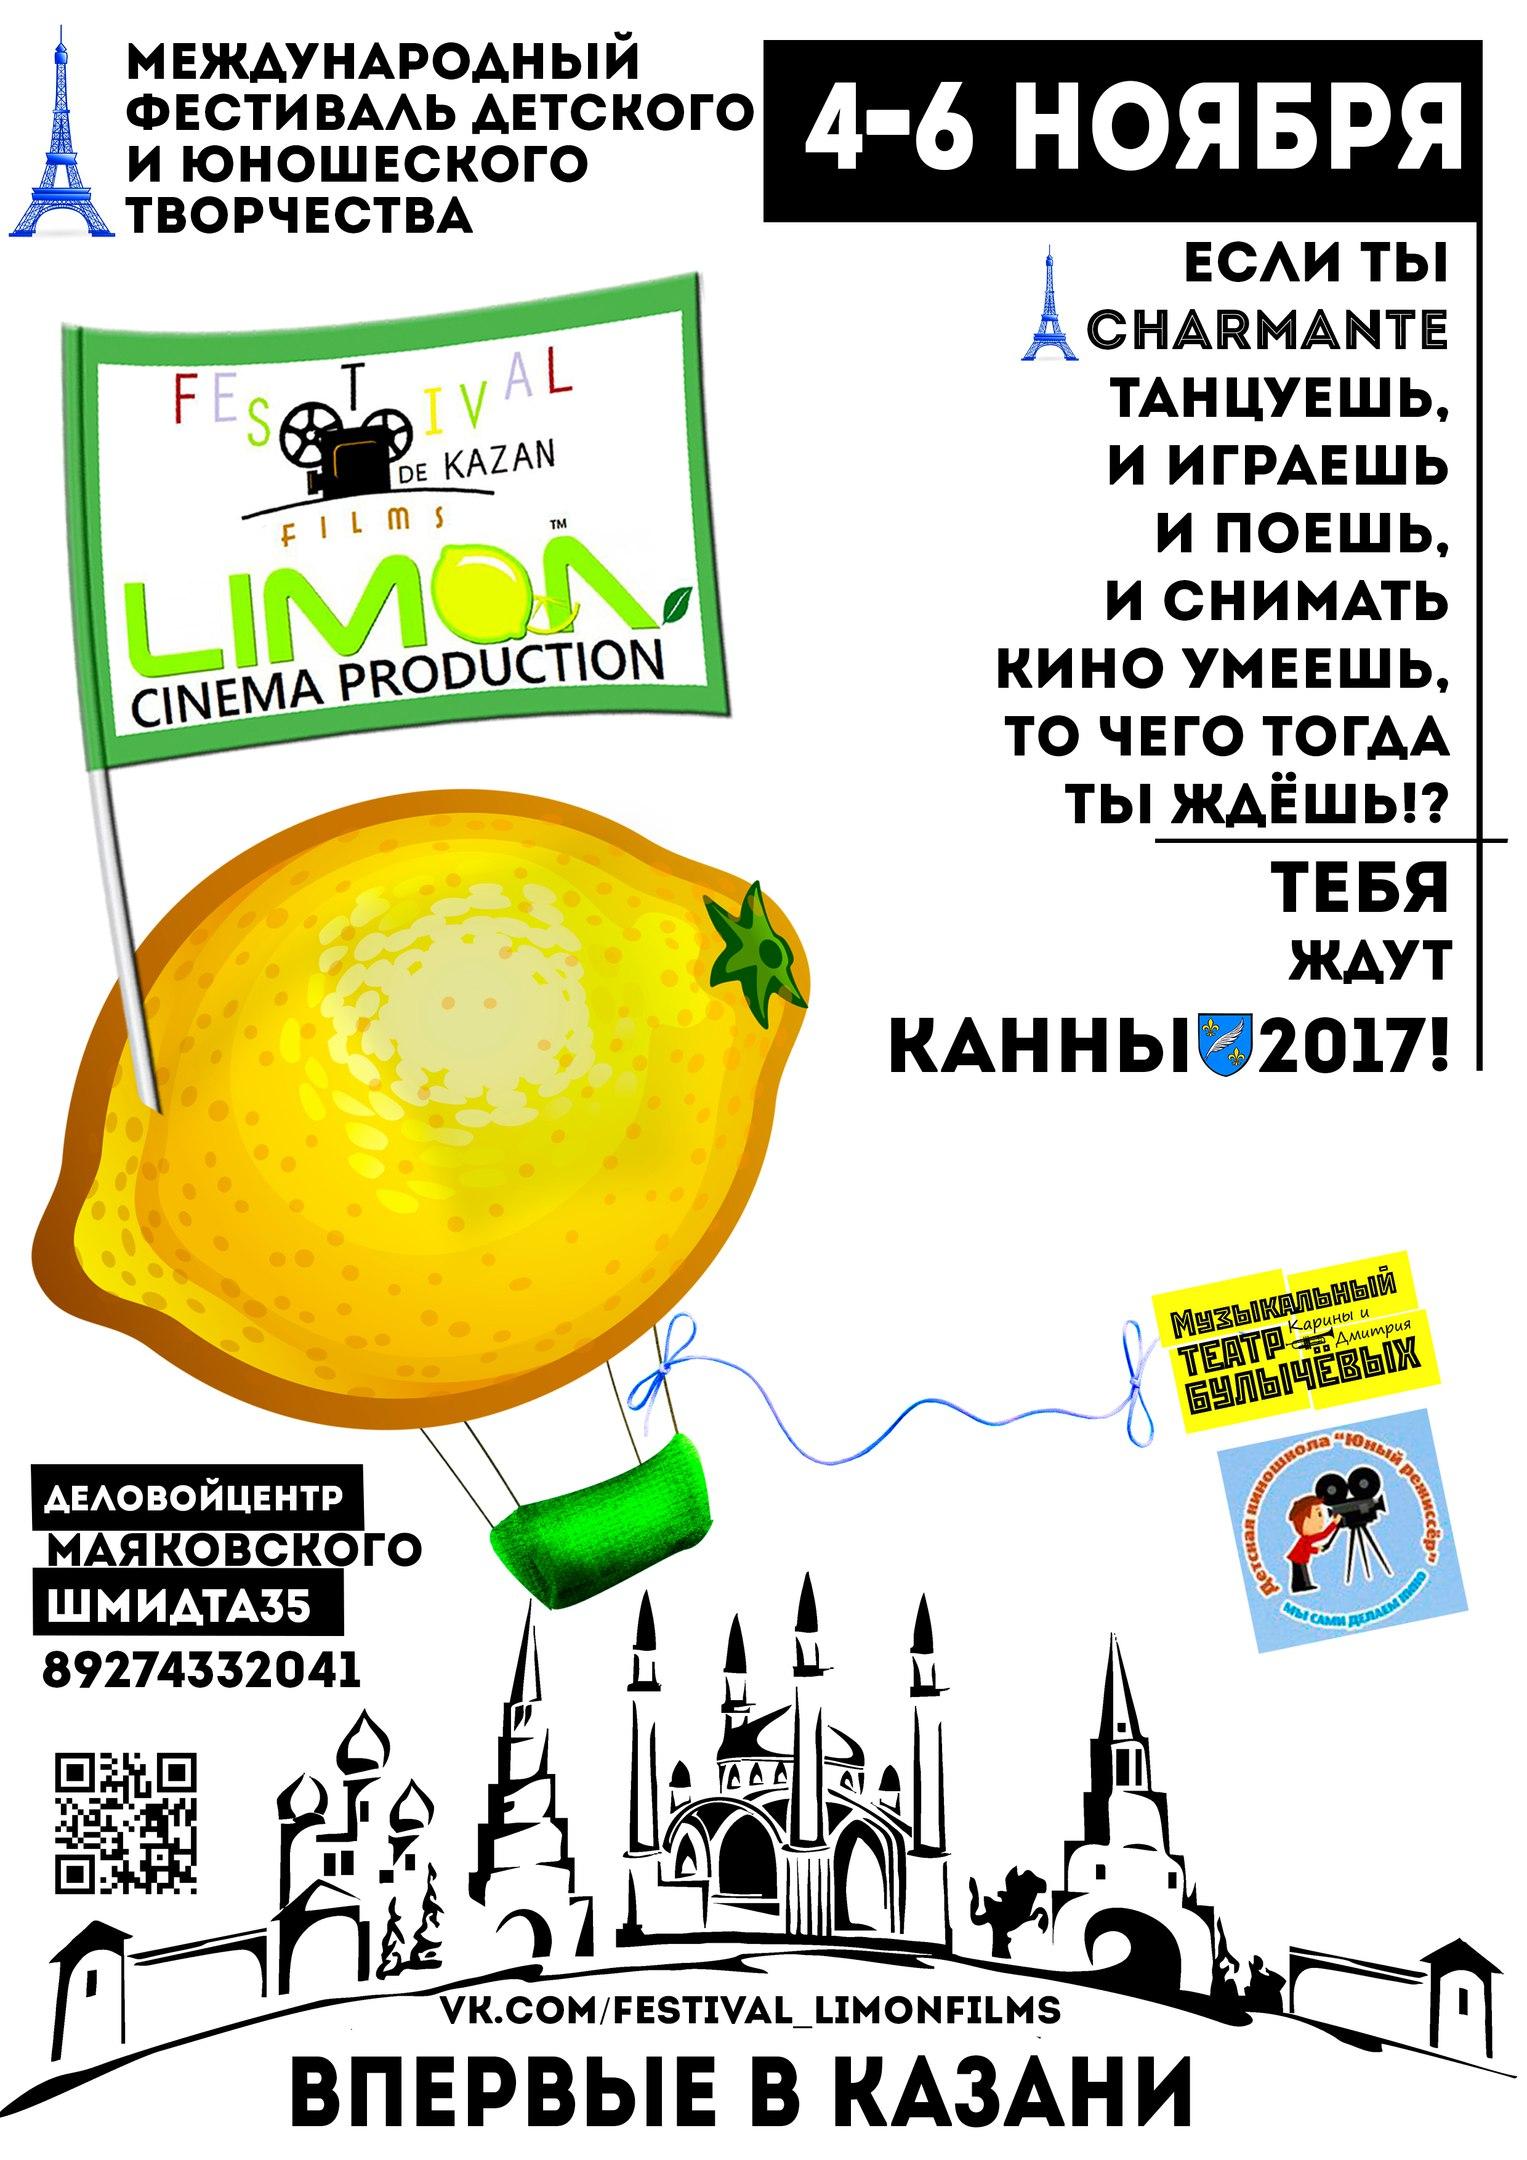 Международный фестиваль детского творчества